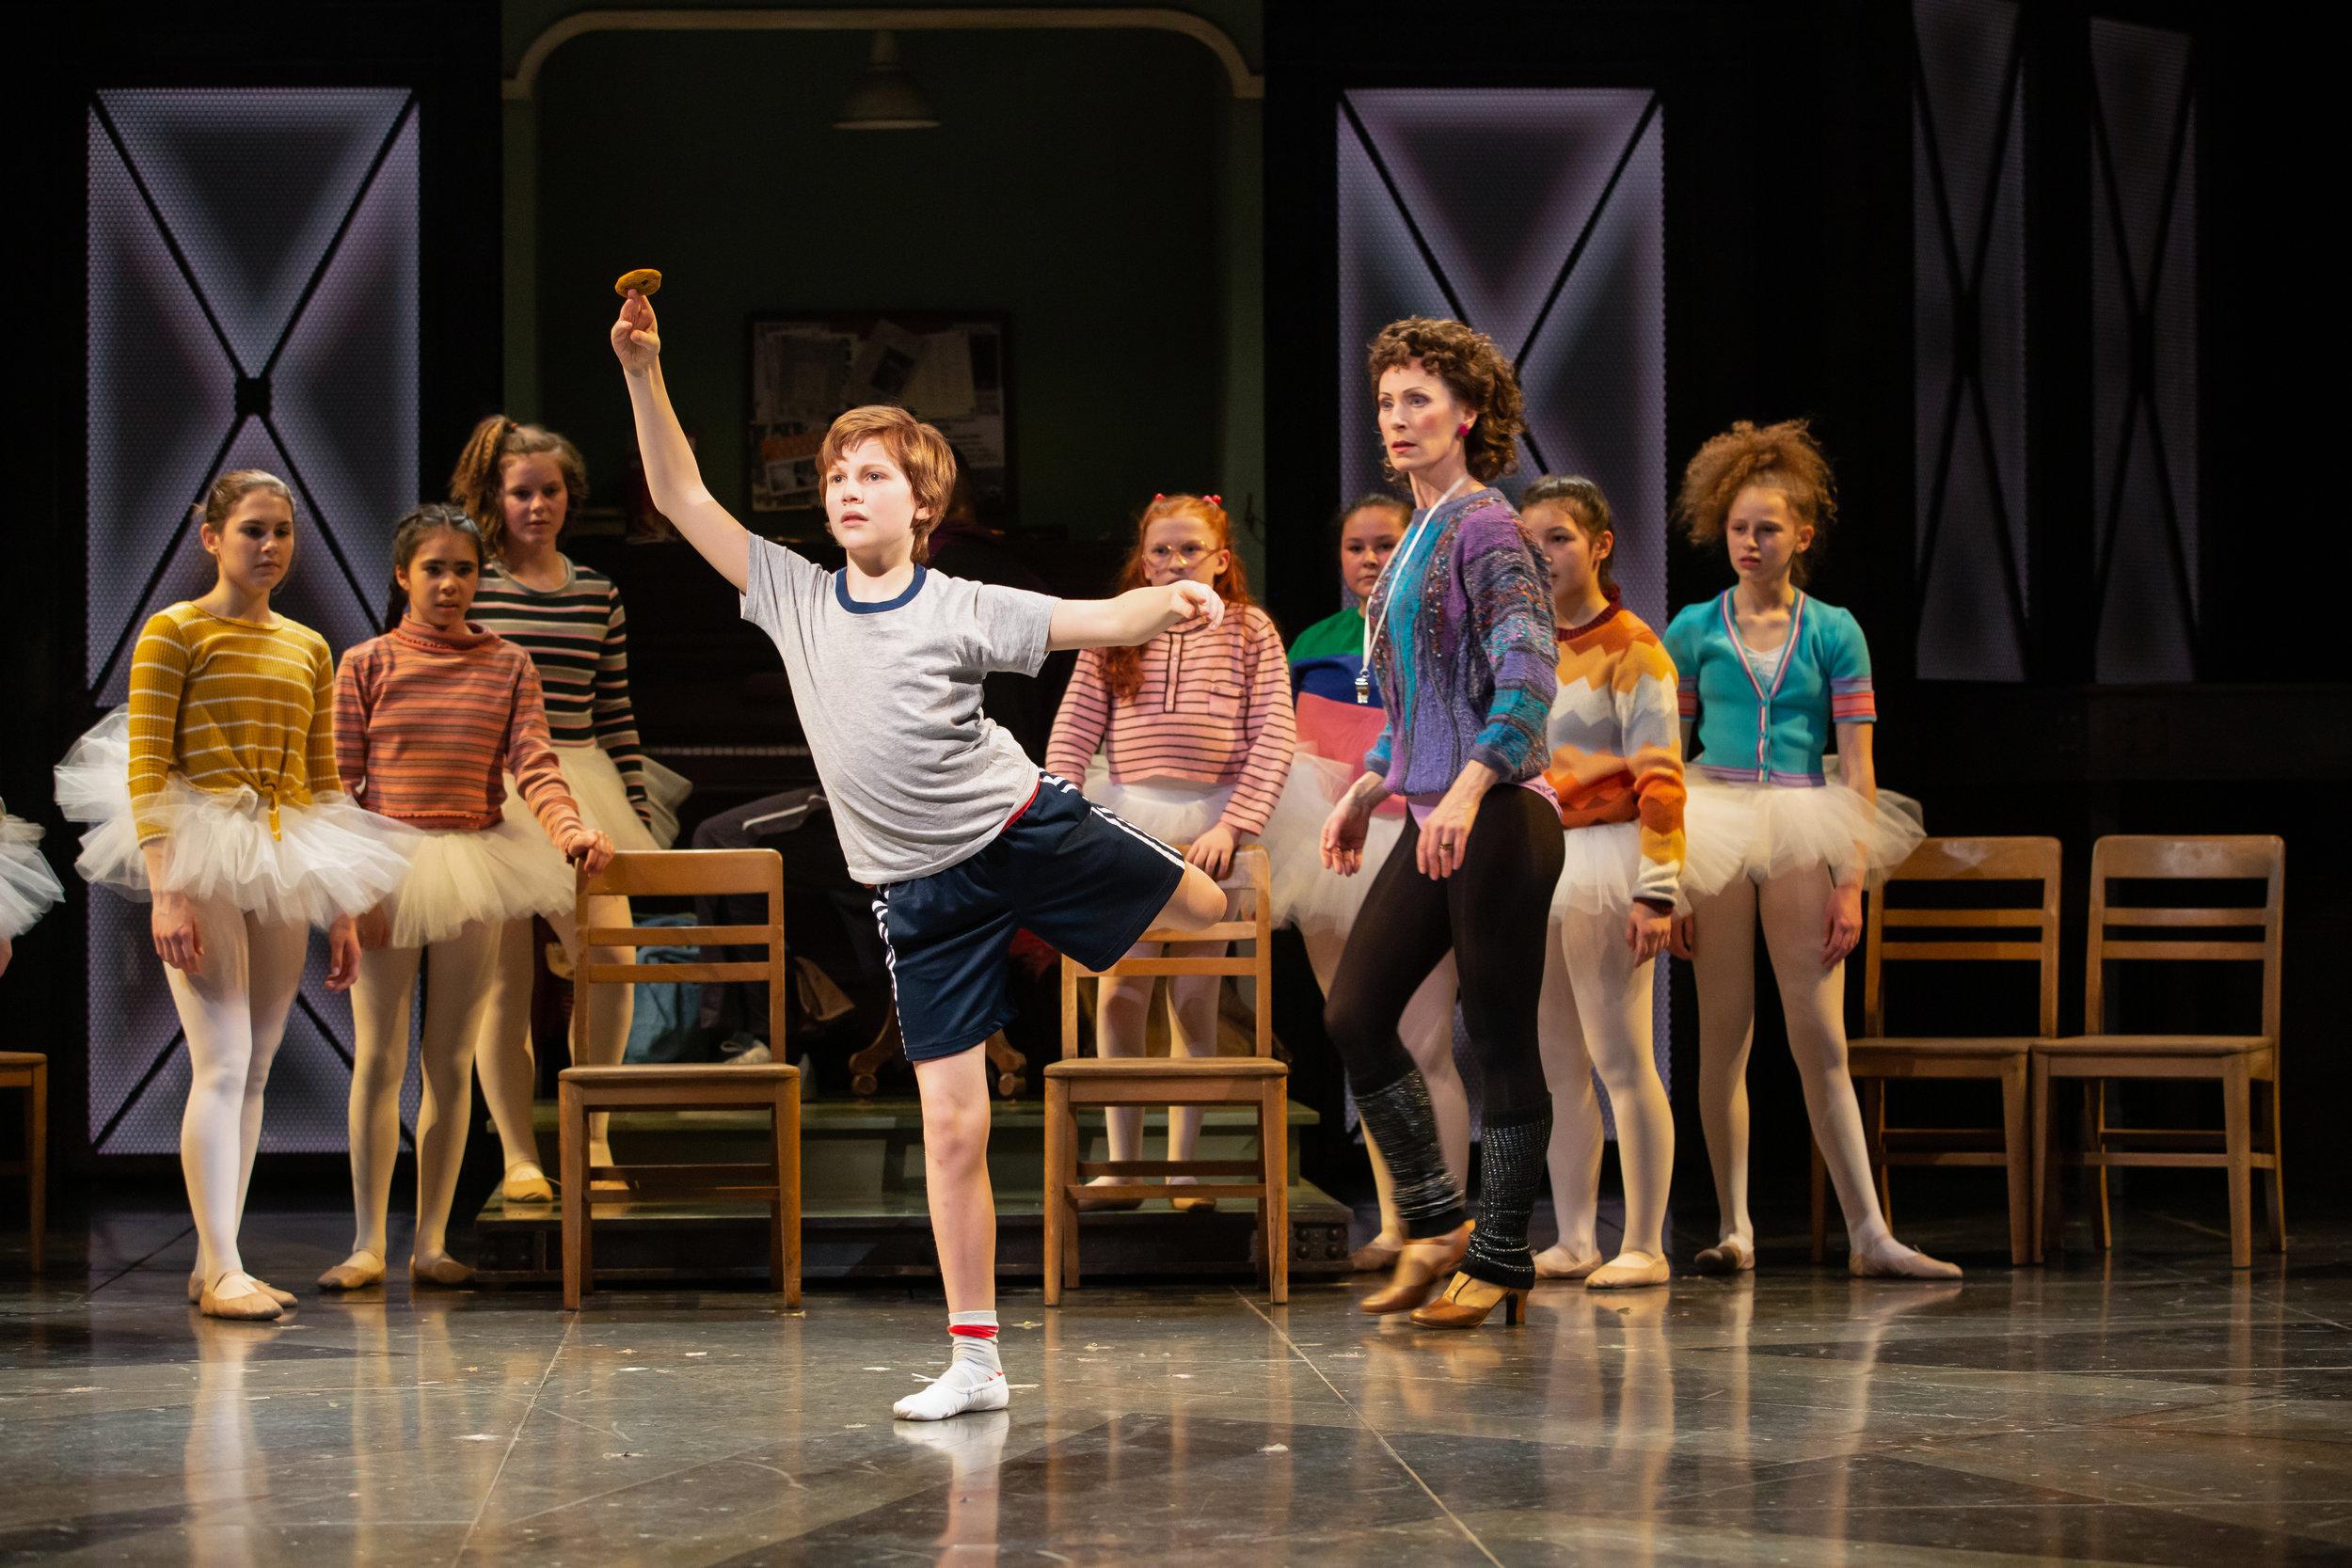 0626_Billy Elliot the Musical_Stratford Festival_Cylla von Tiedemann.jpg